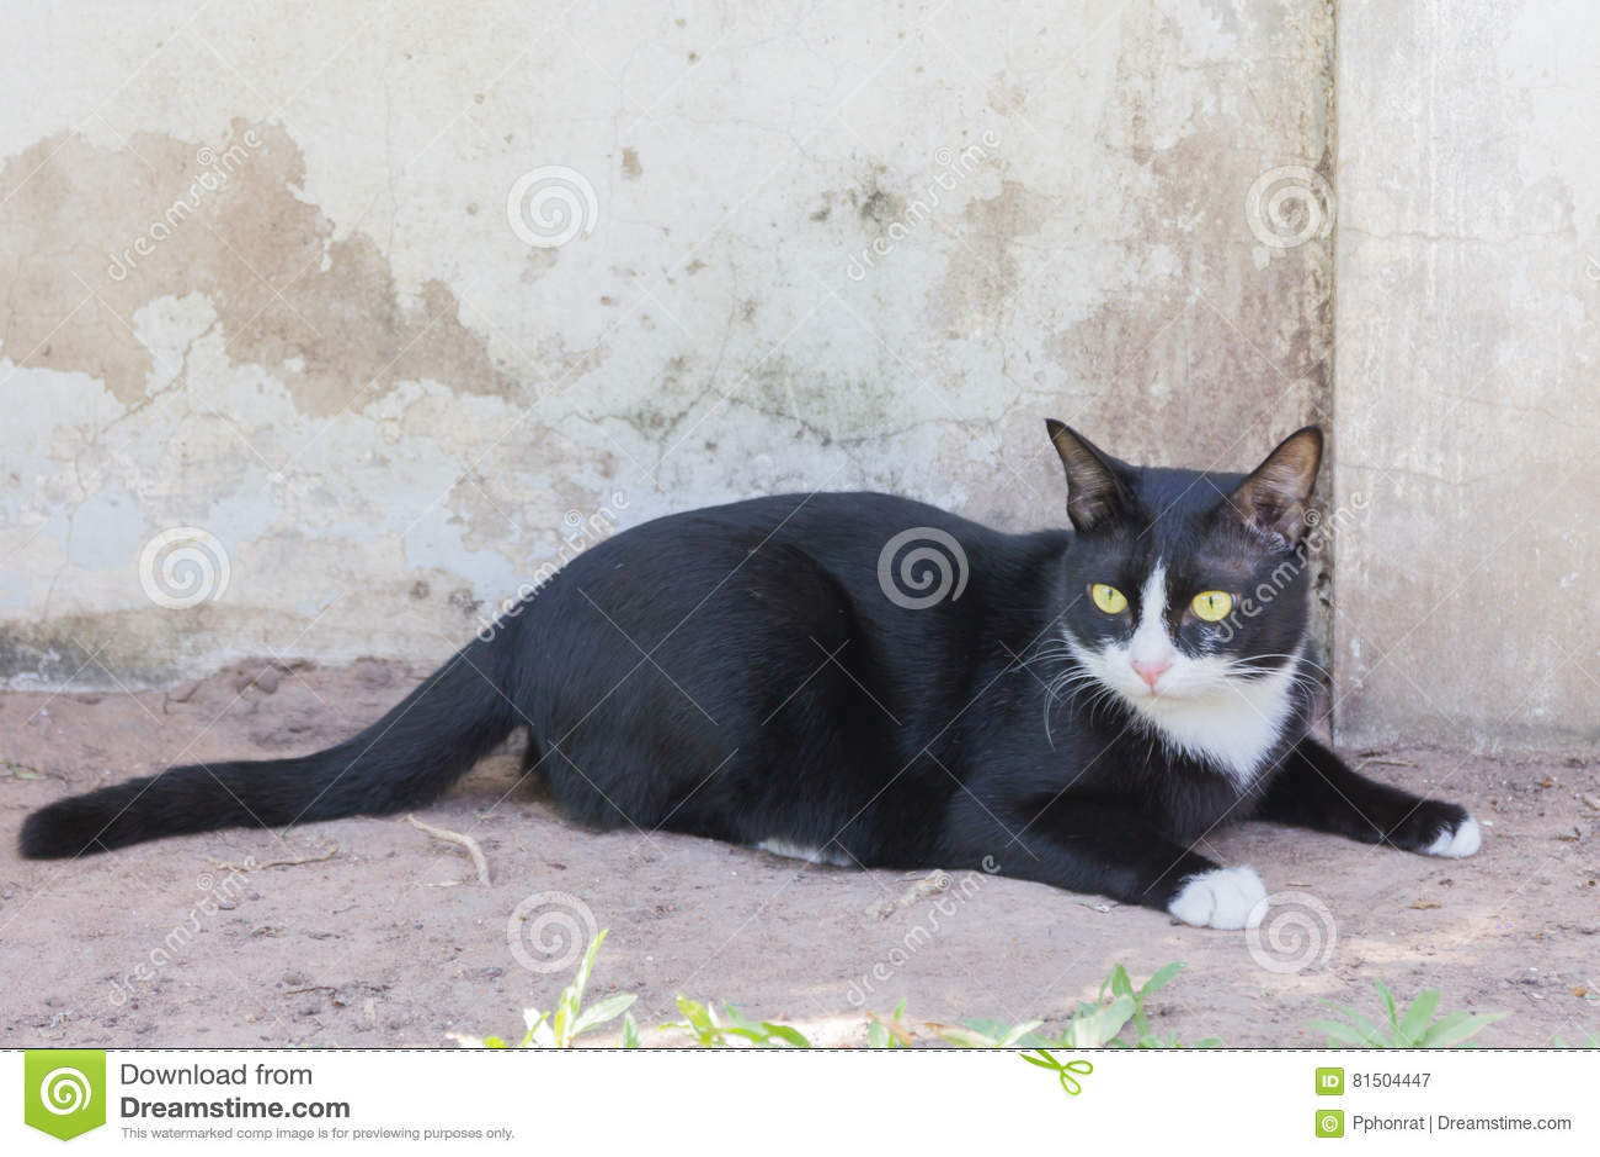 Μαύρο πορτρέτο προσώπου γατών ανατριχιαστικό απαίσιο